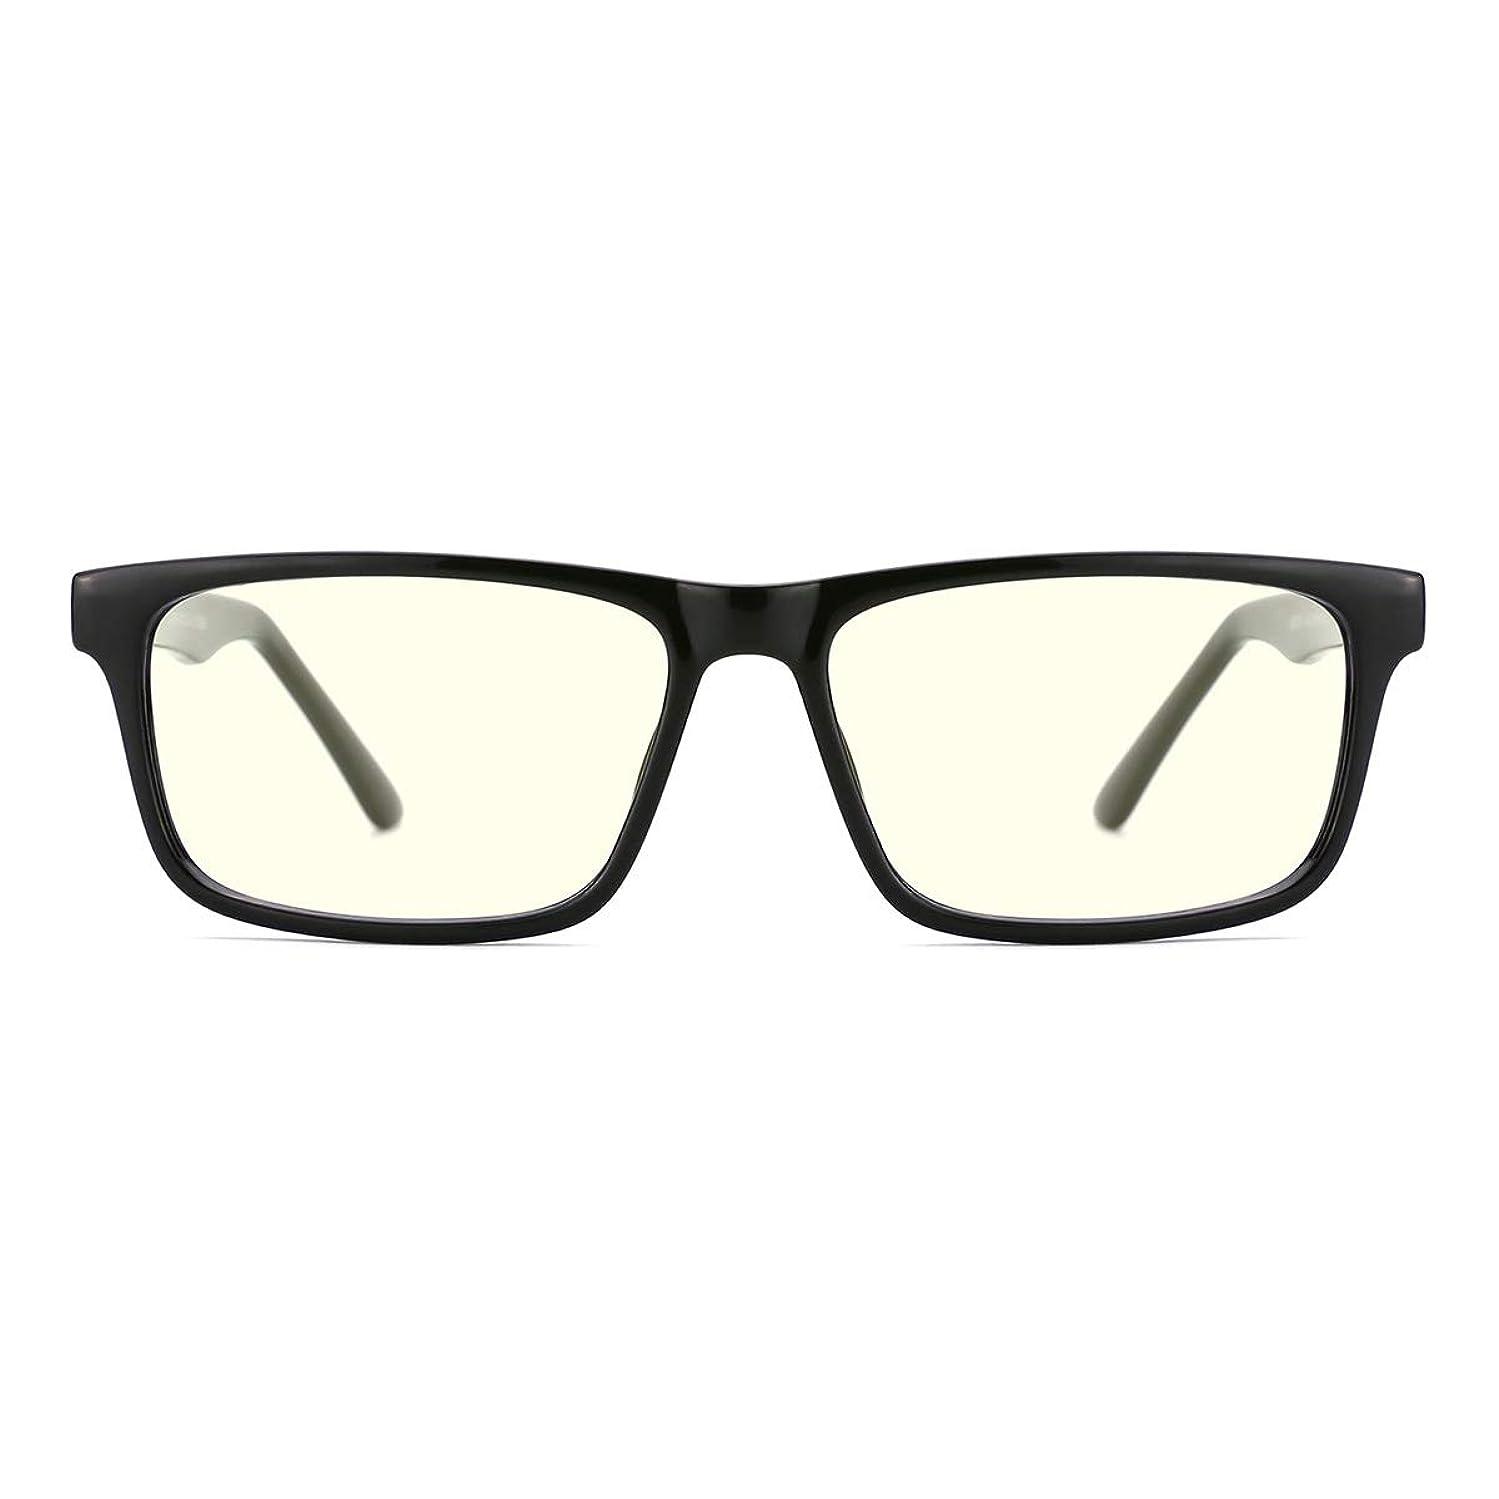 TIJN Anti UV Glare Blue Light Blocking Reading Glasses Square Eyeglasses for Men Women